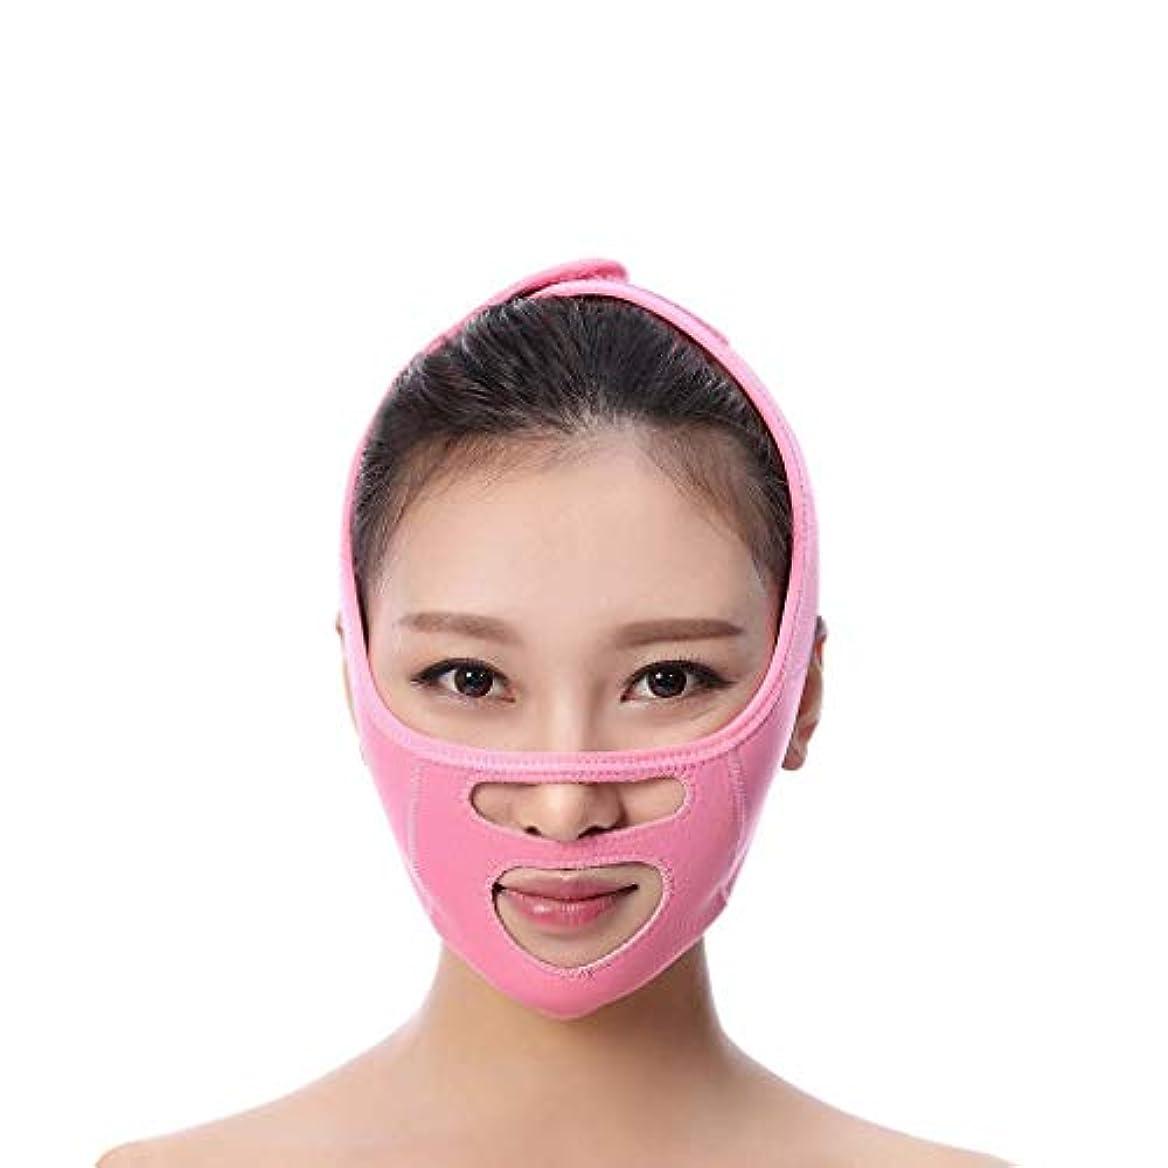 エアコン独立埋めるフェイスリフトテープ&バンド、フェイススリミングマスク、ダブルチン、ダブルチンリデューサー、シワ防止マスク、リフティングシェイプ(フリーサイズ)(カラー:ピンク),ピンク